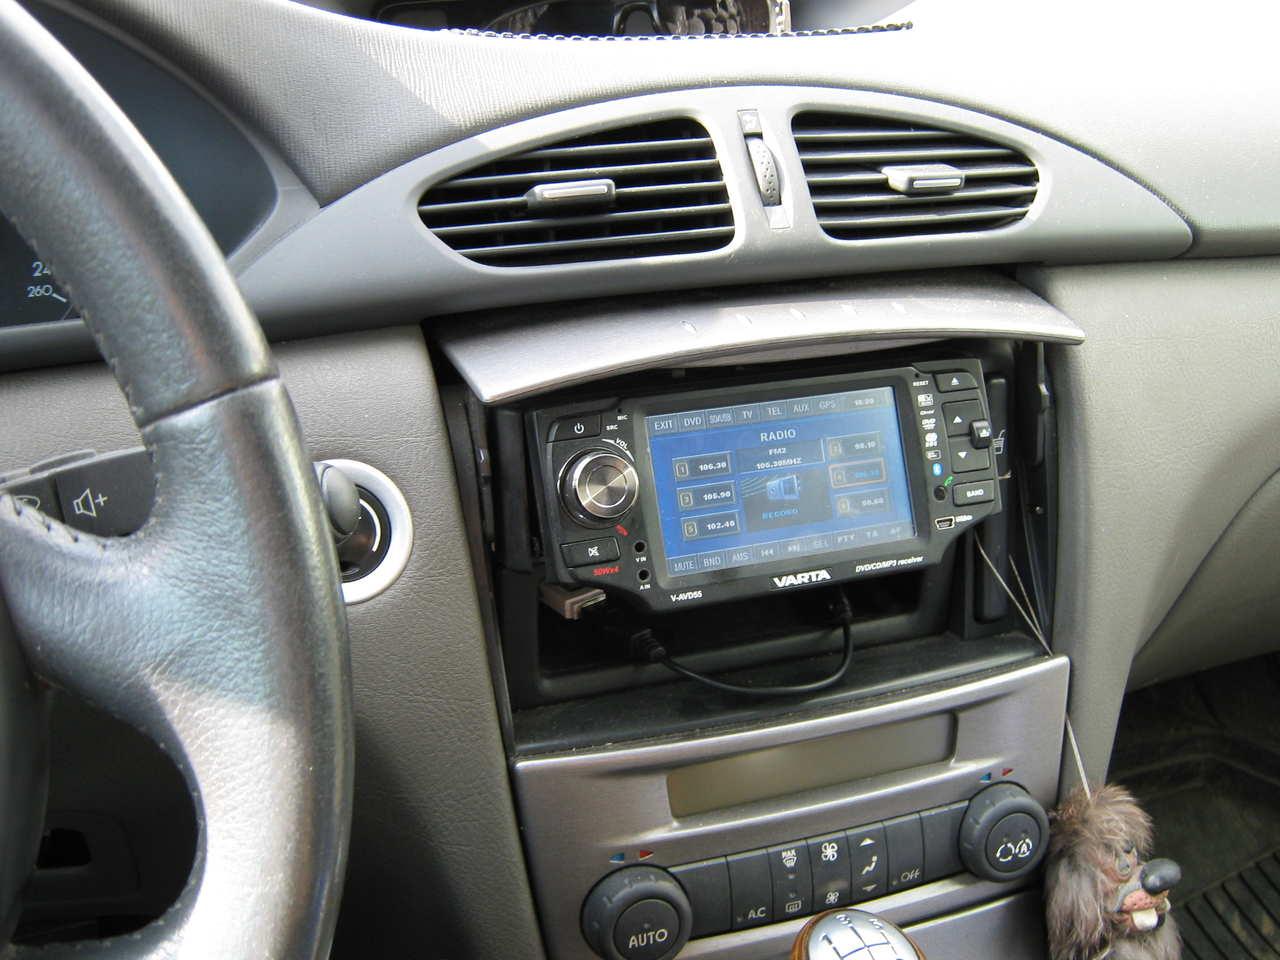 Laguna 2001 Model 2001 Renault Laguna